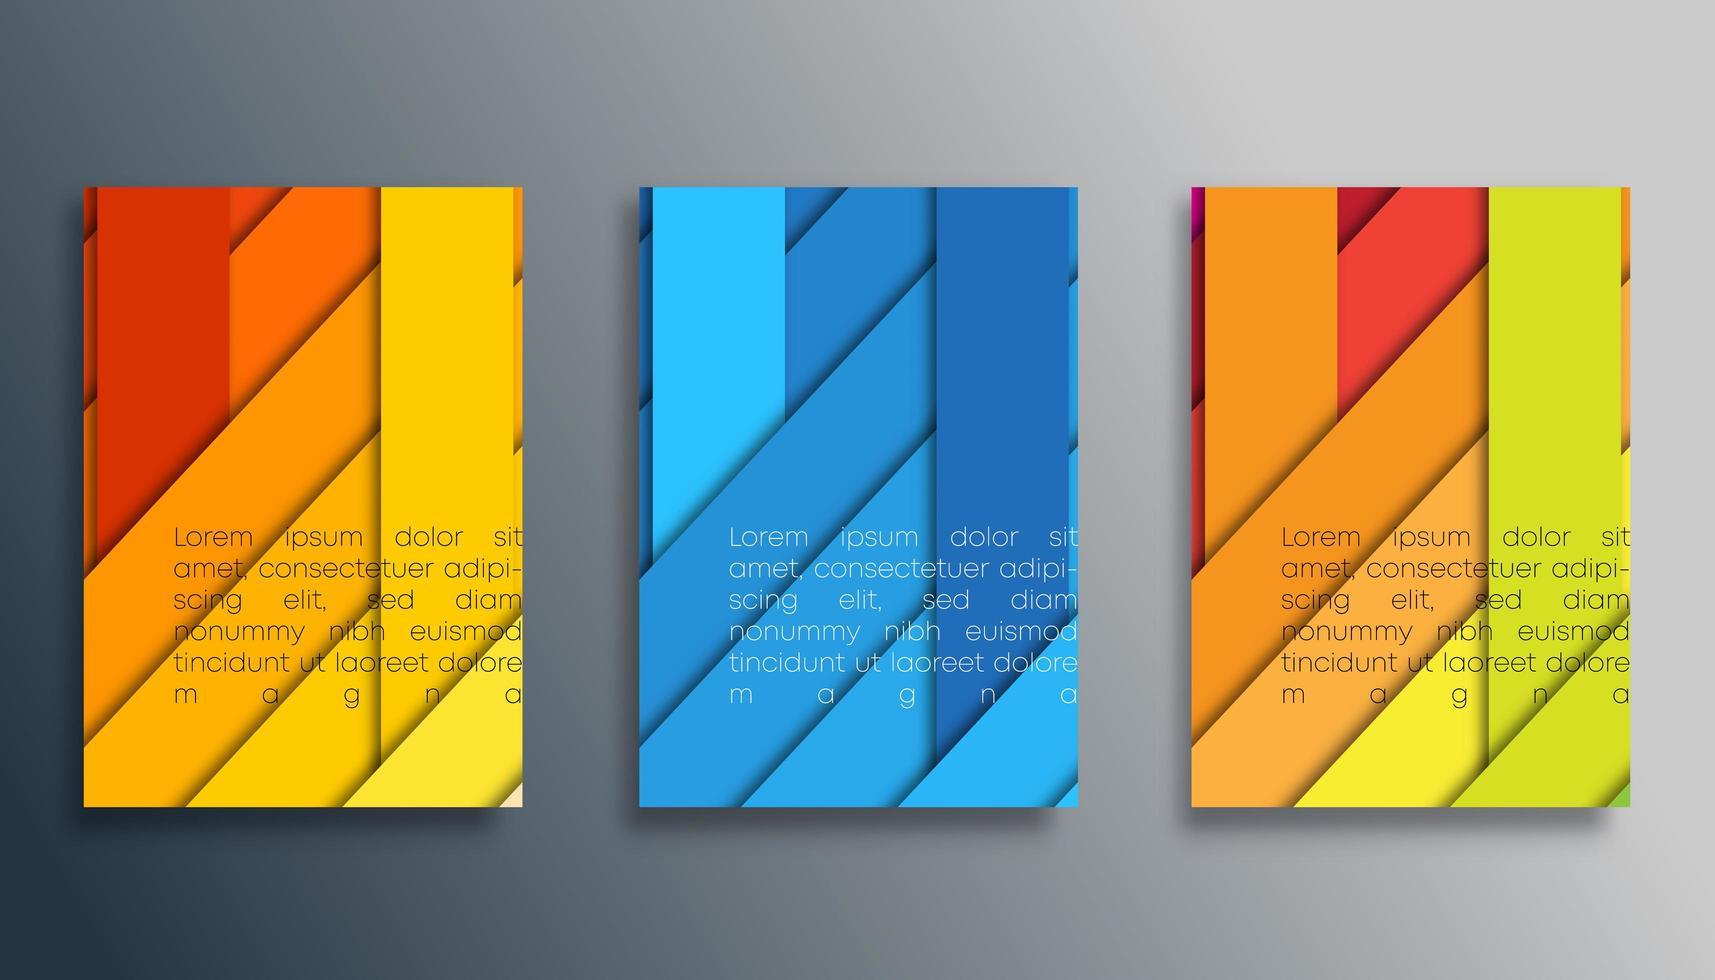 färgad 3d randig omslagsmalluppsättning vektor